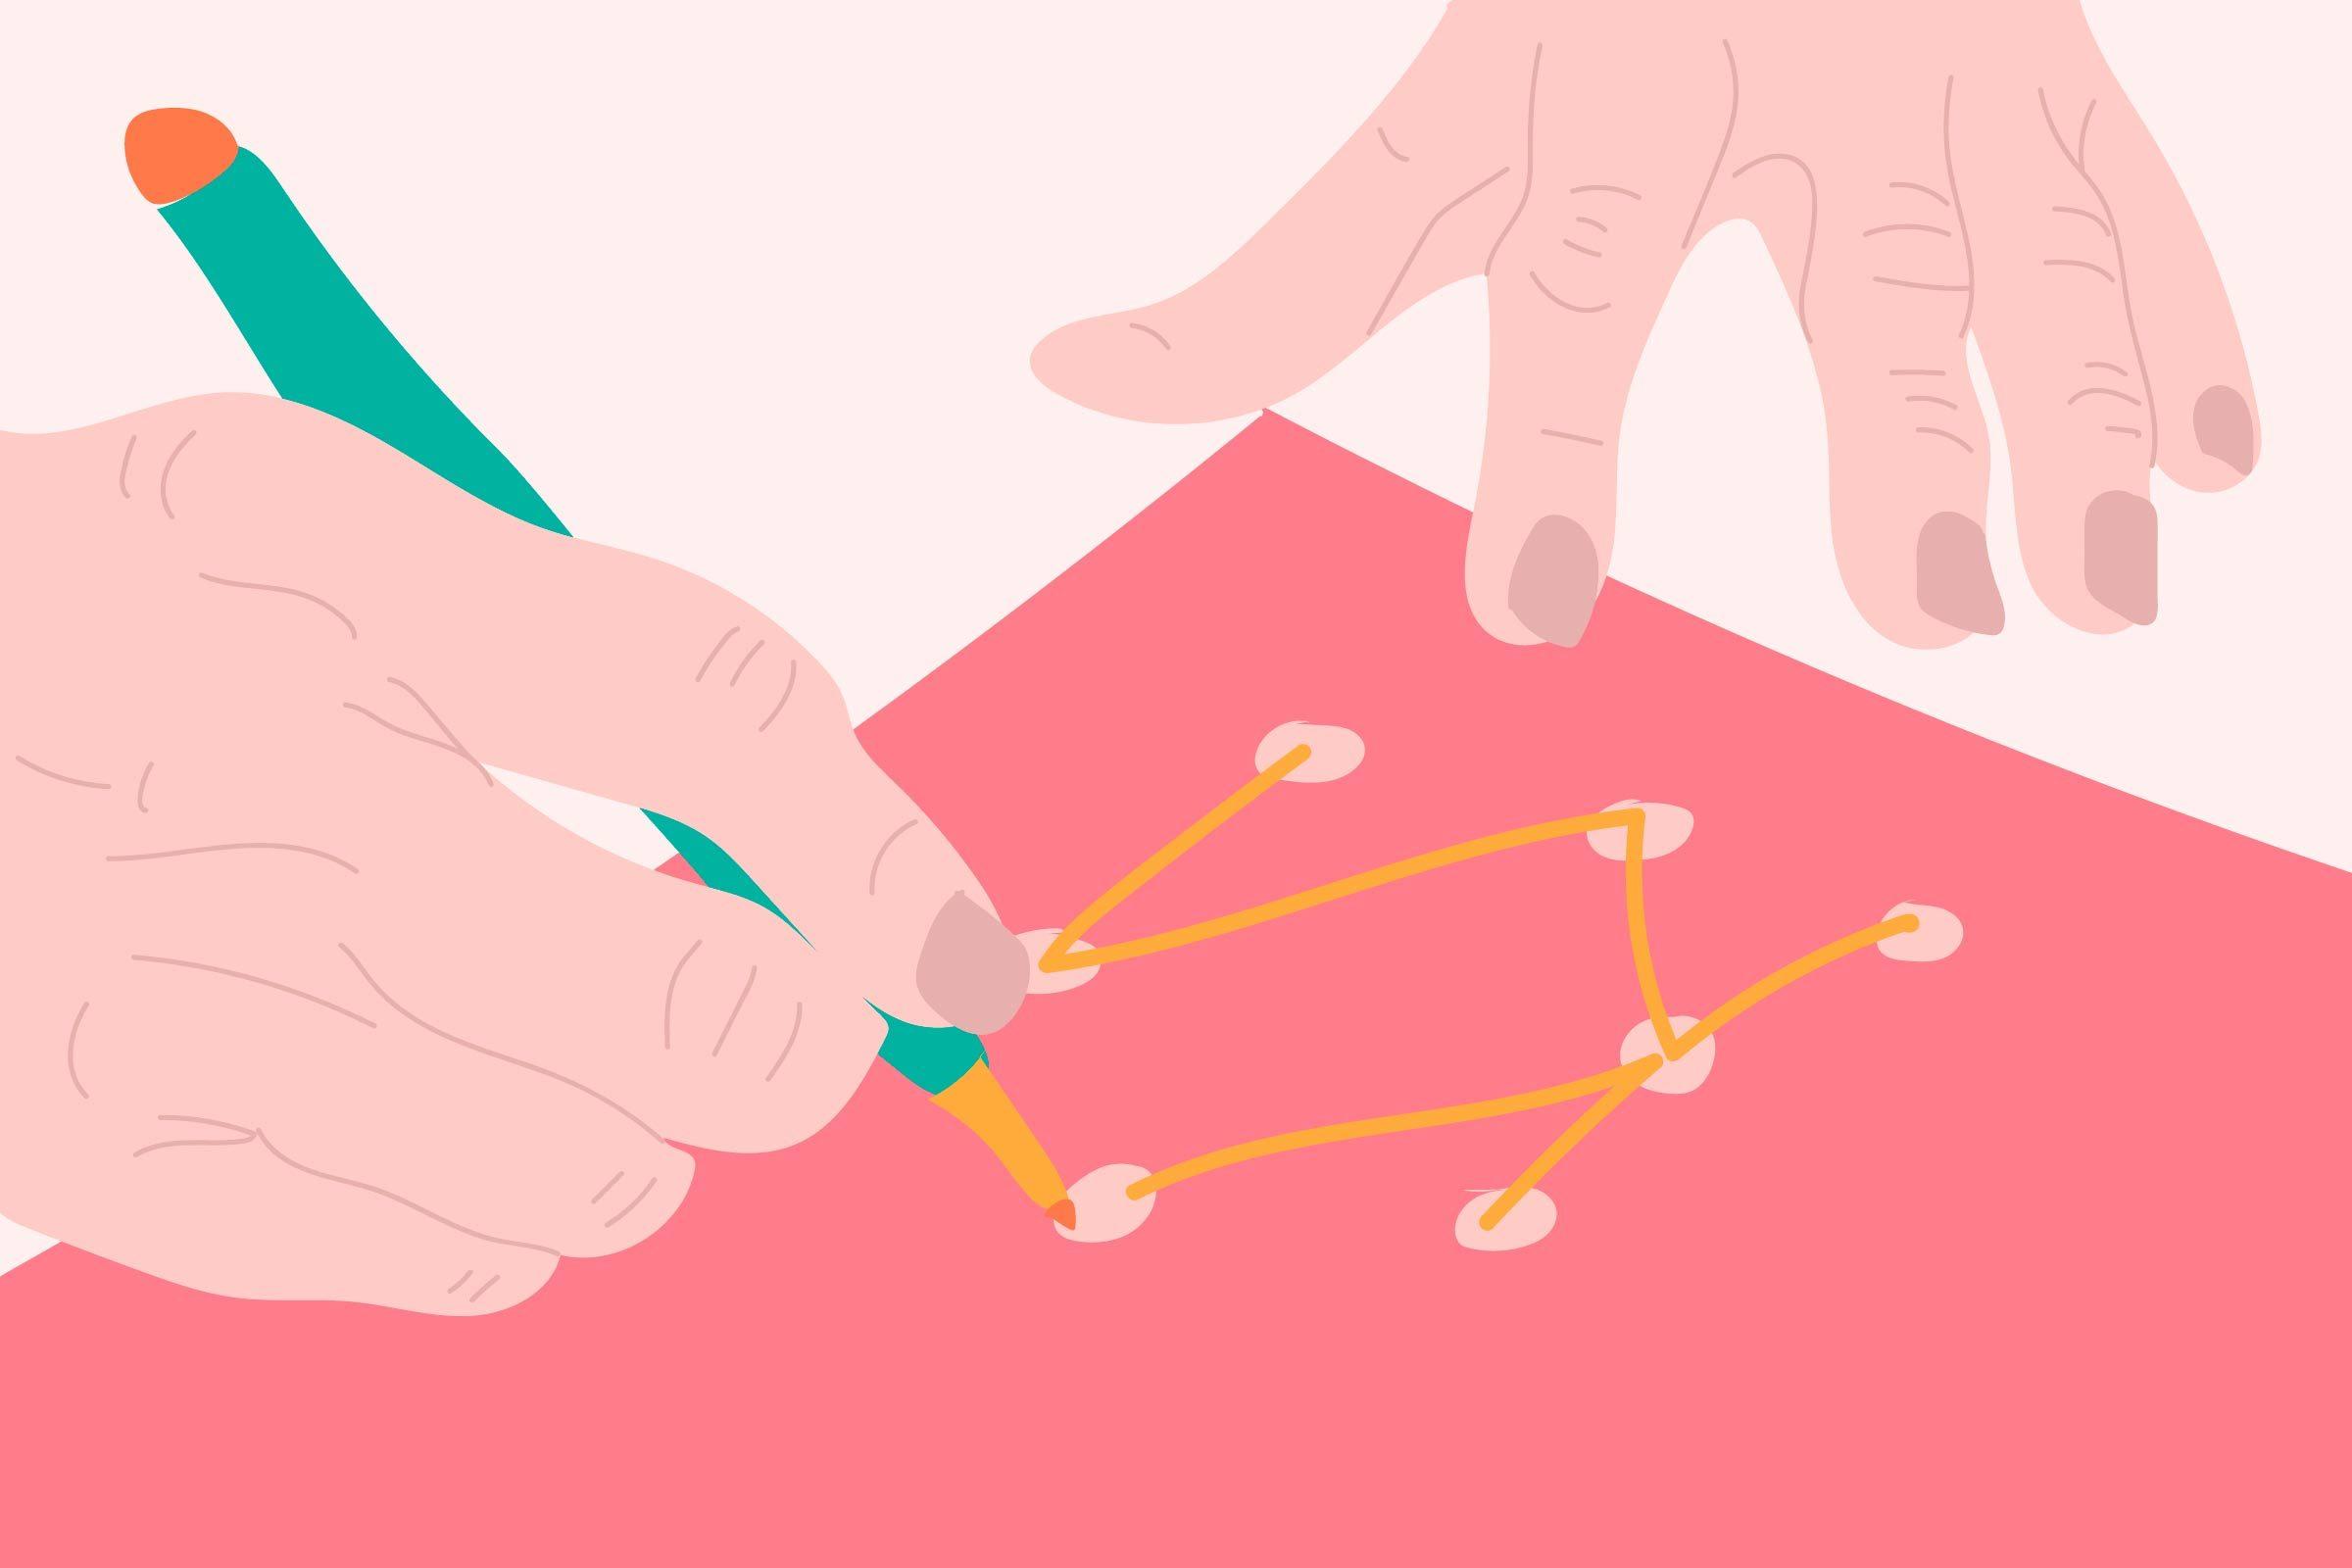 illustration of hands drawing, taking SAGE test